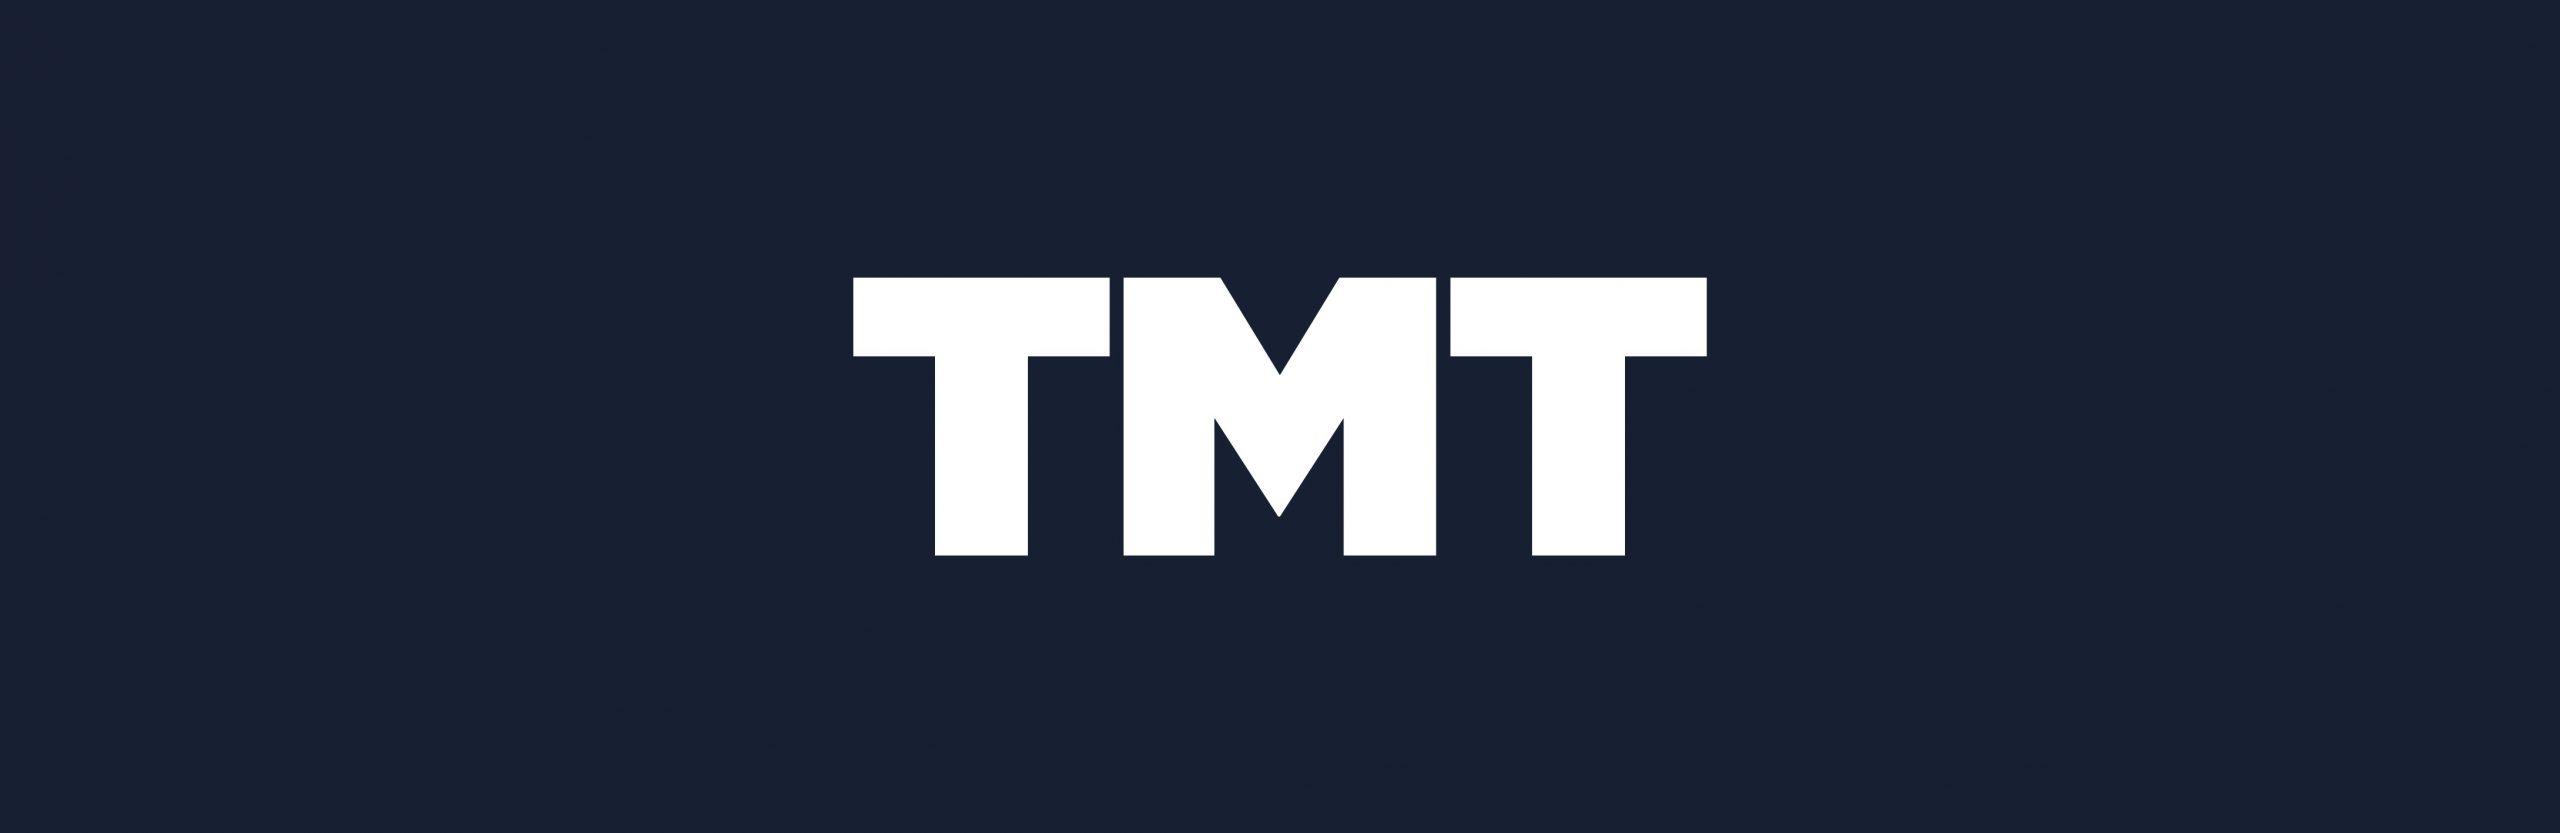 https://quicklinestorage.co.uk/wp-content/uploads/2021/08/TMT-scaled.jpg